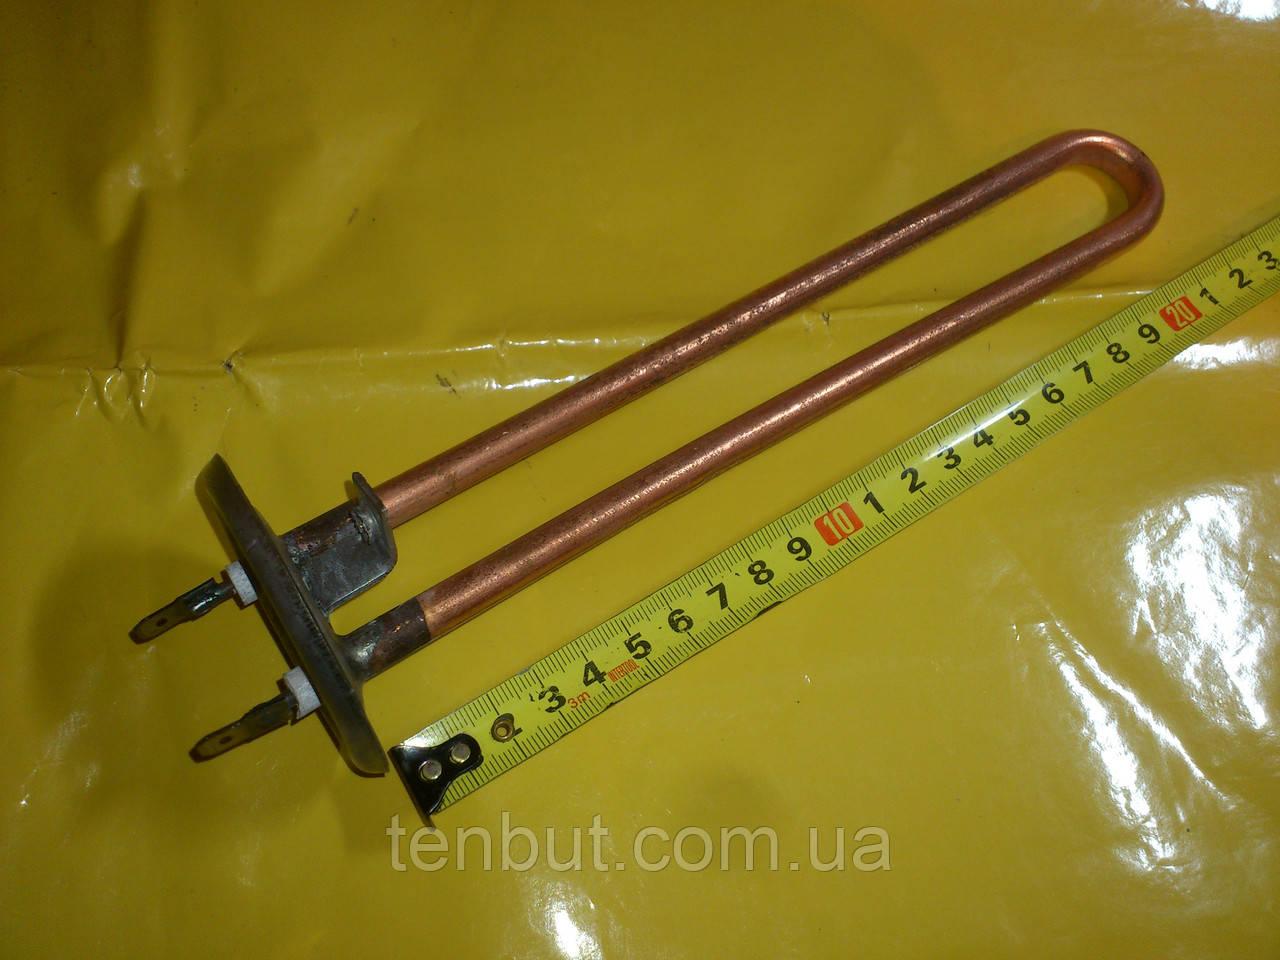 Тэн в бойлер Thermex 0,7 кВт. / 220 В. / L - 220 мм. медный производство Украина